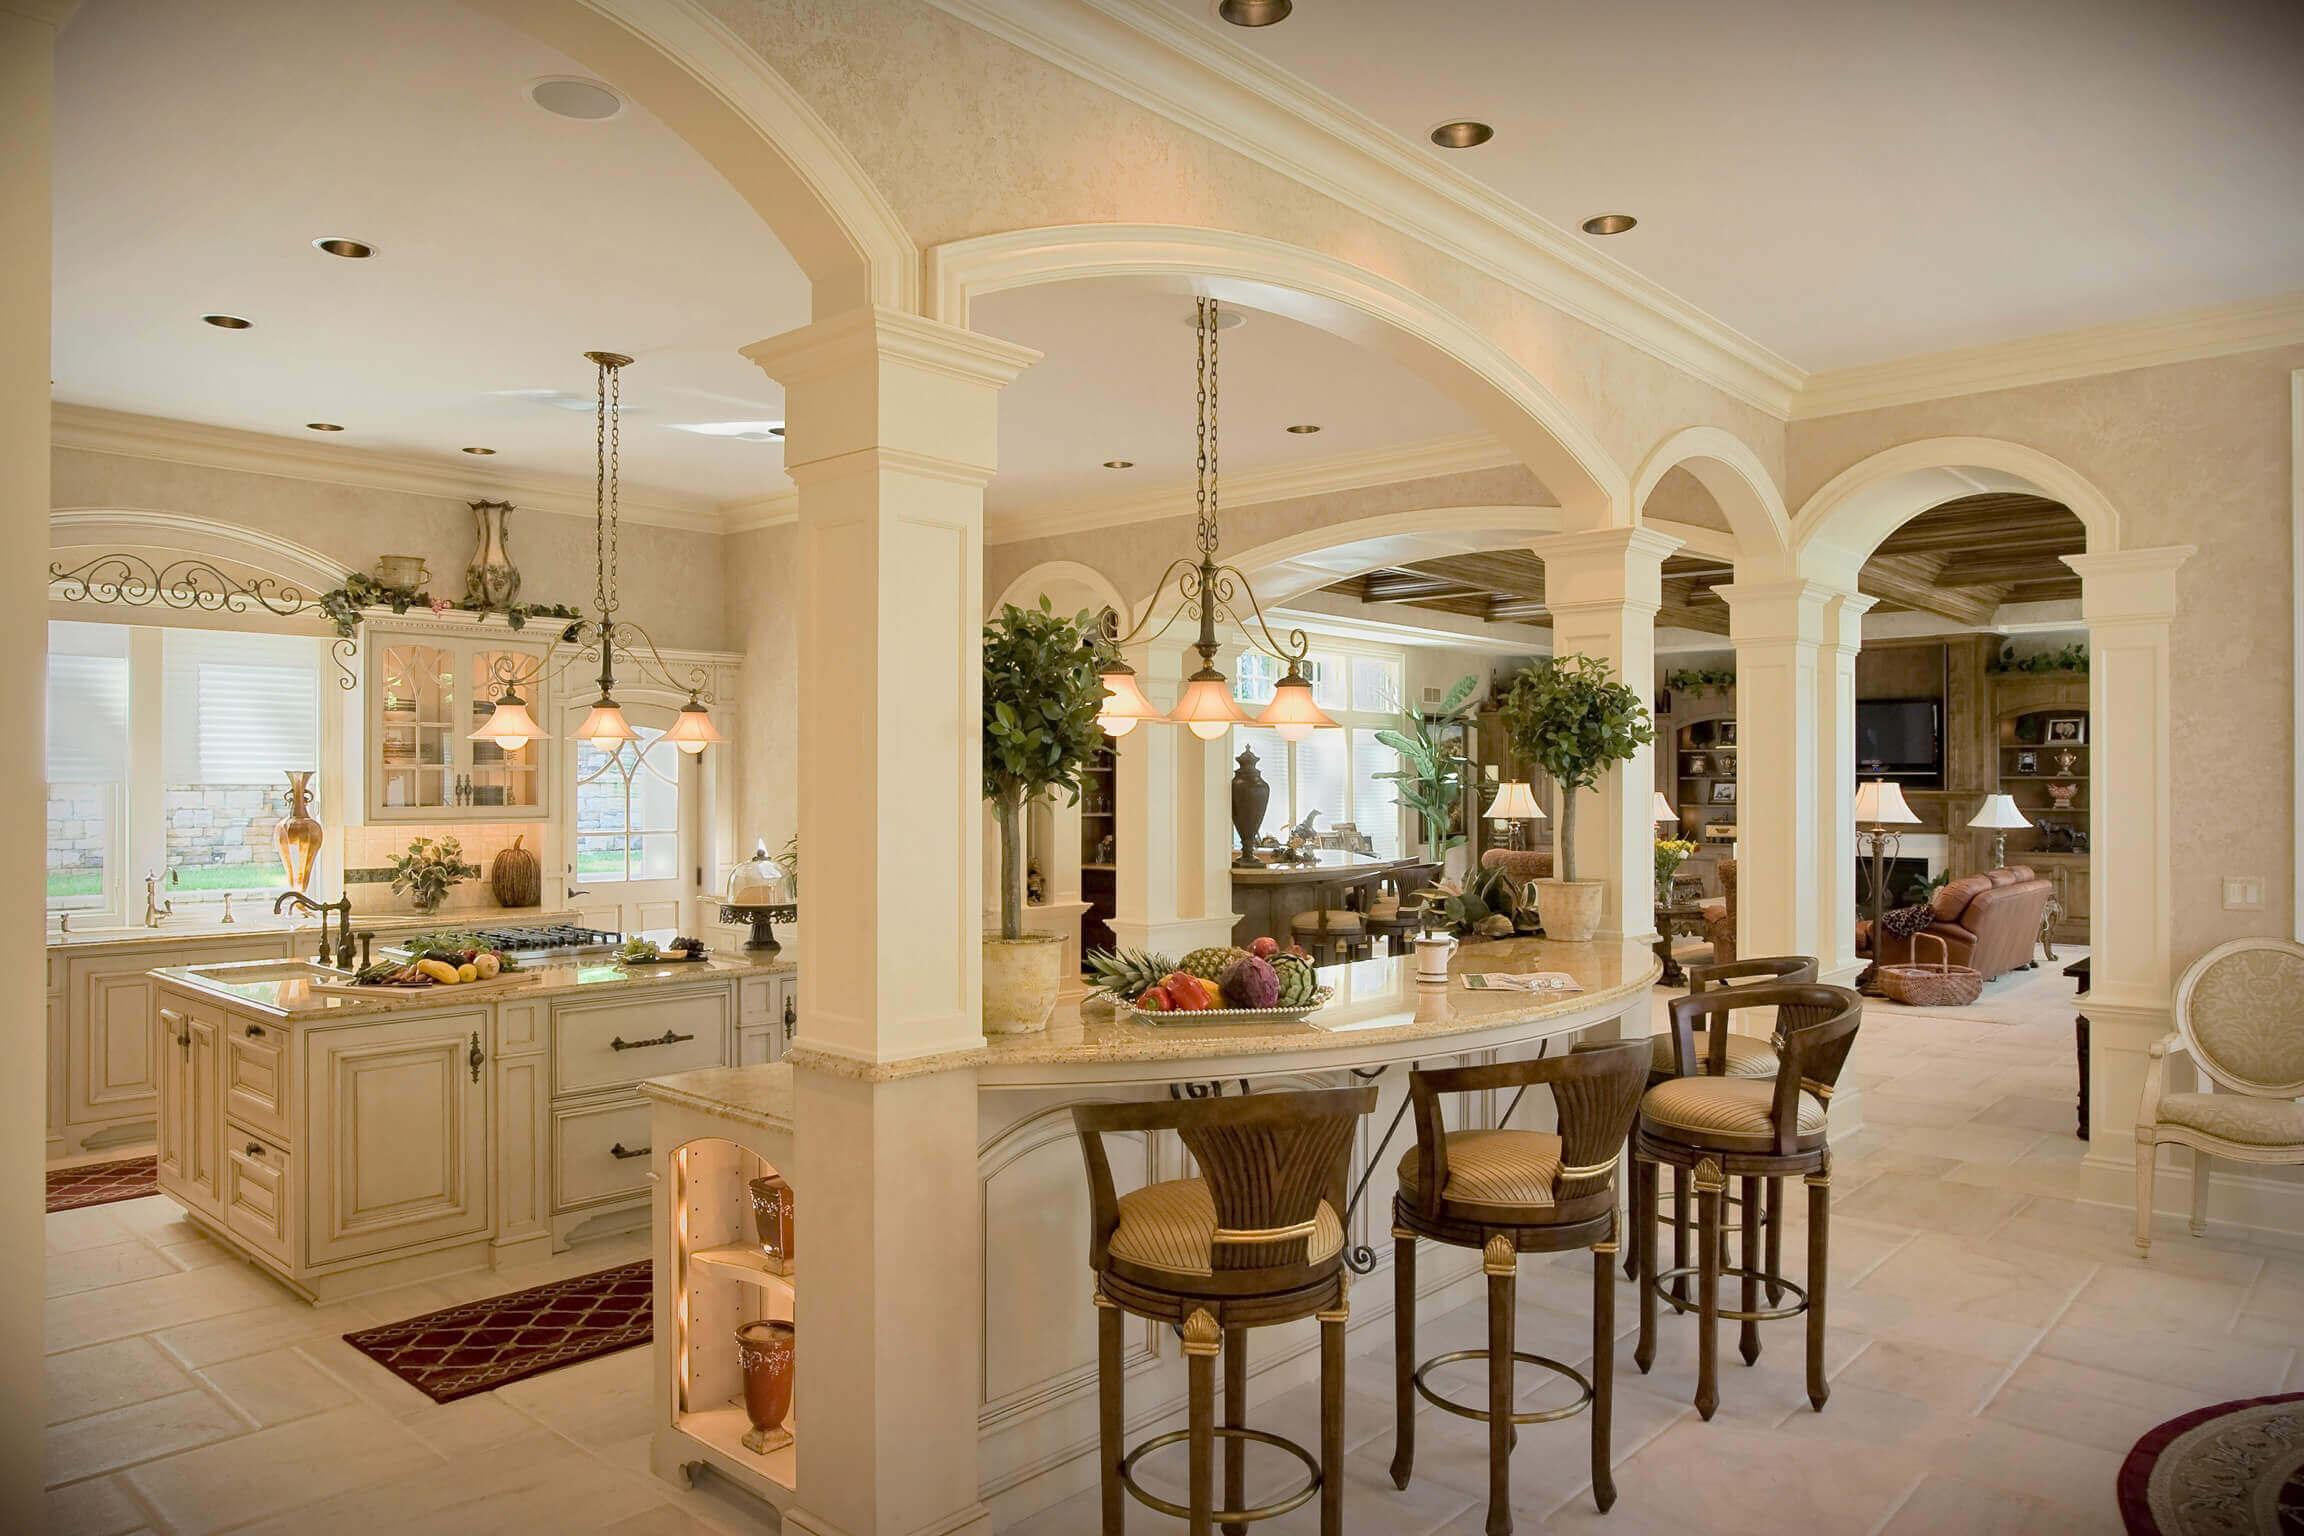 Luxury Kitchen Designs with Island